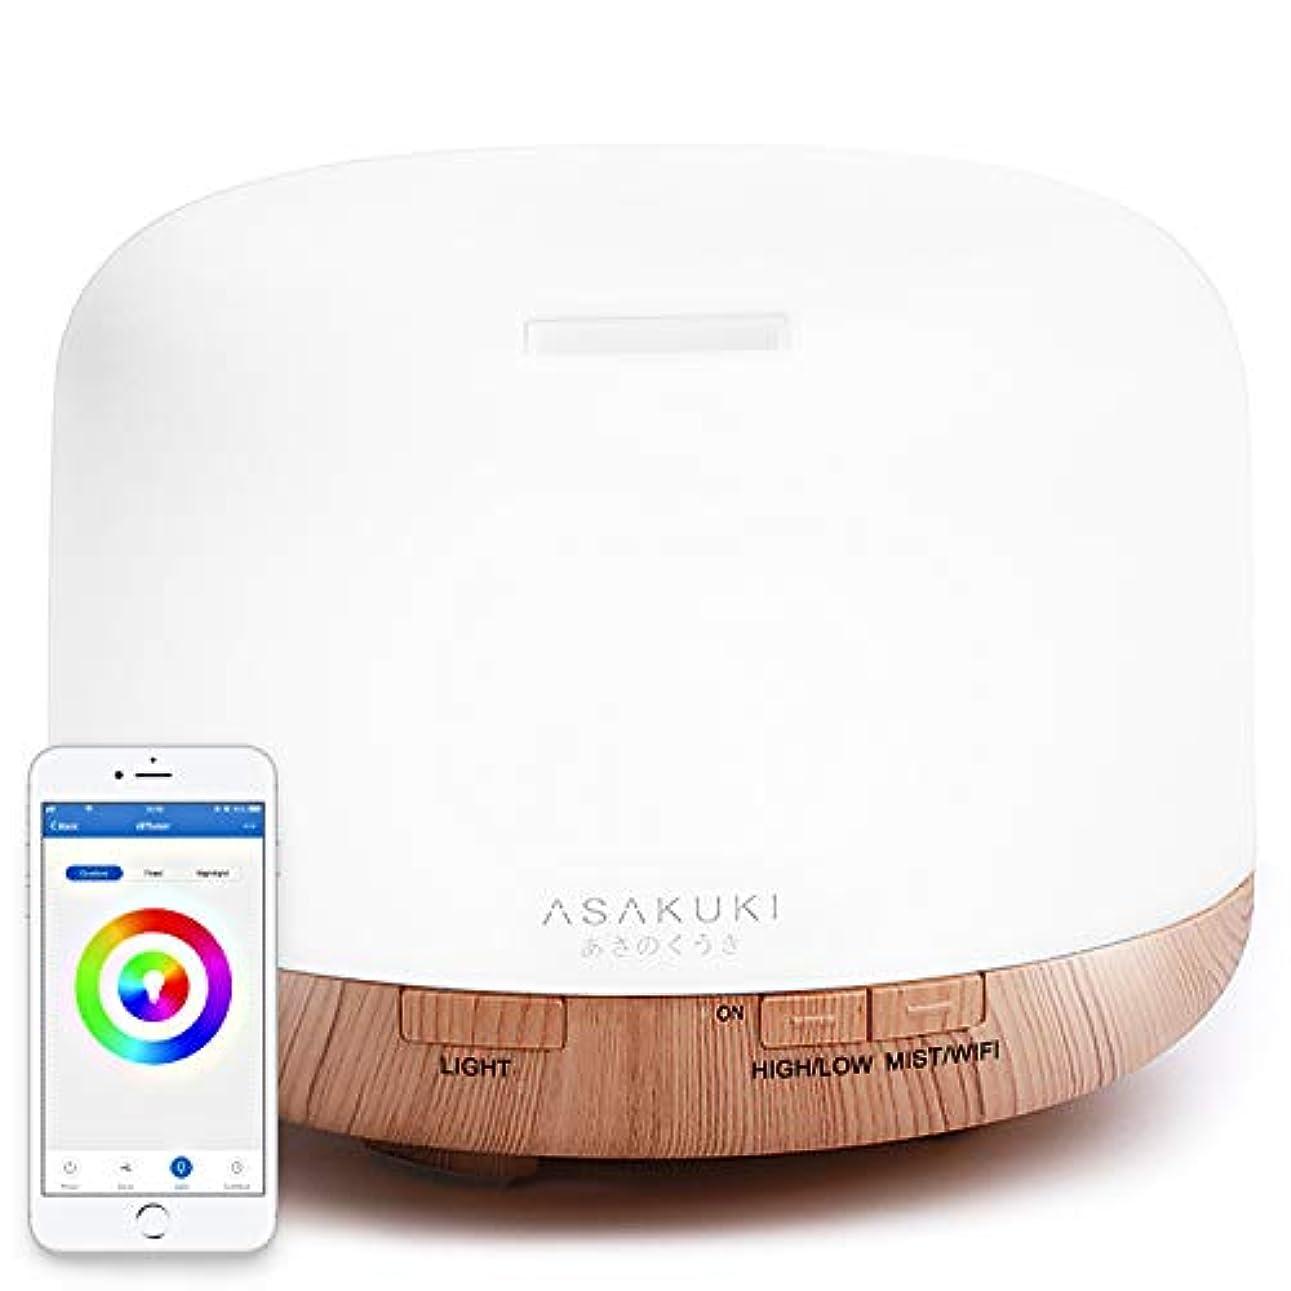 最も複製電気のASAKUKI ベッドルーム、オフィス、より良い睡眠&呼吸 雰囲気を緩和するアレクサ2019アップグレード設計500ミリリットルアロマ加湿器と互換性 あるスマート -エッセンシャルオイルディフューザーアプリ制御 標準 2018...